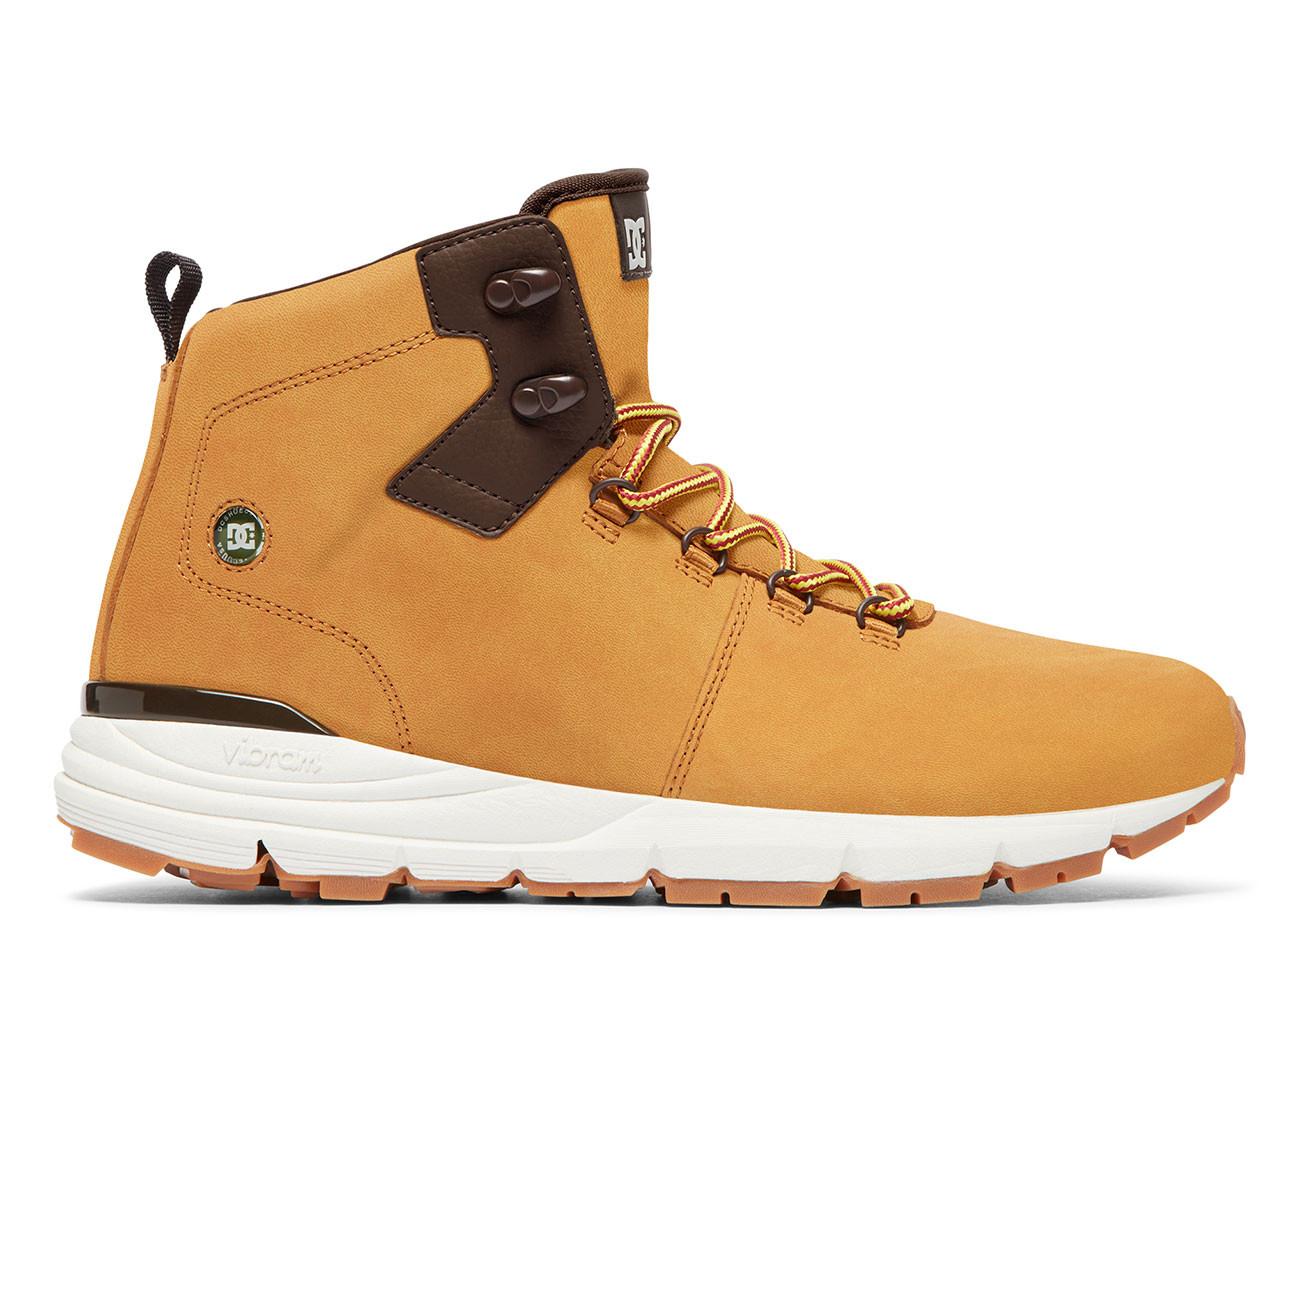 4644b7a4d65 Zimní boty DC Muirland wheat